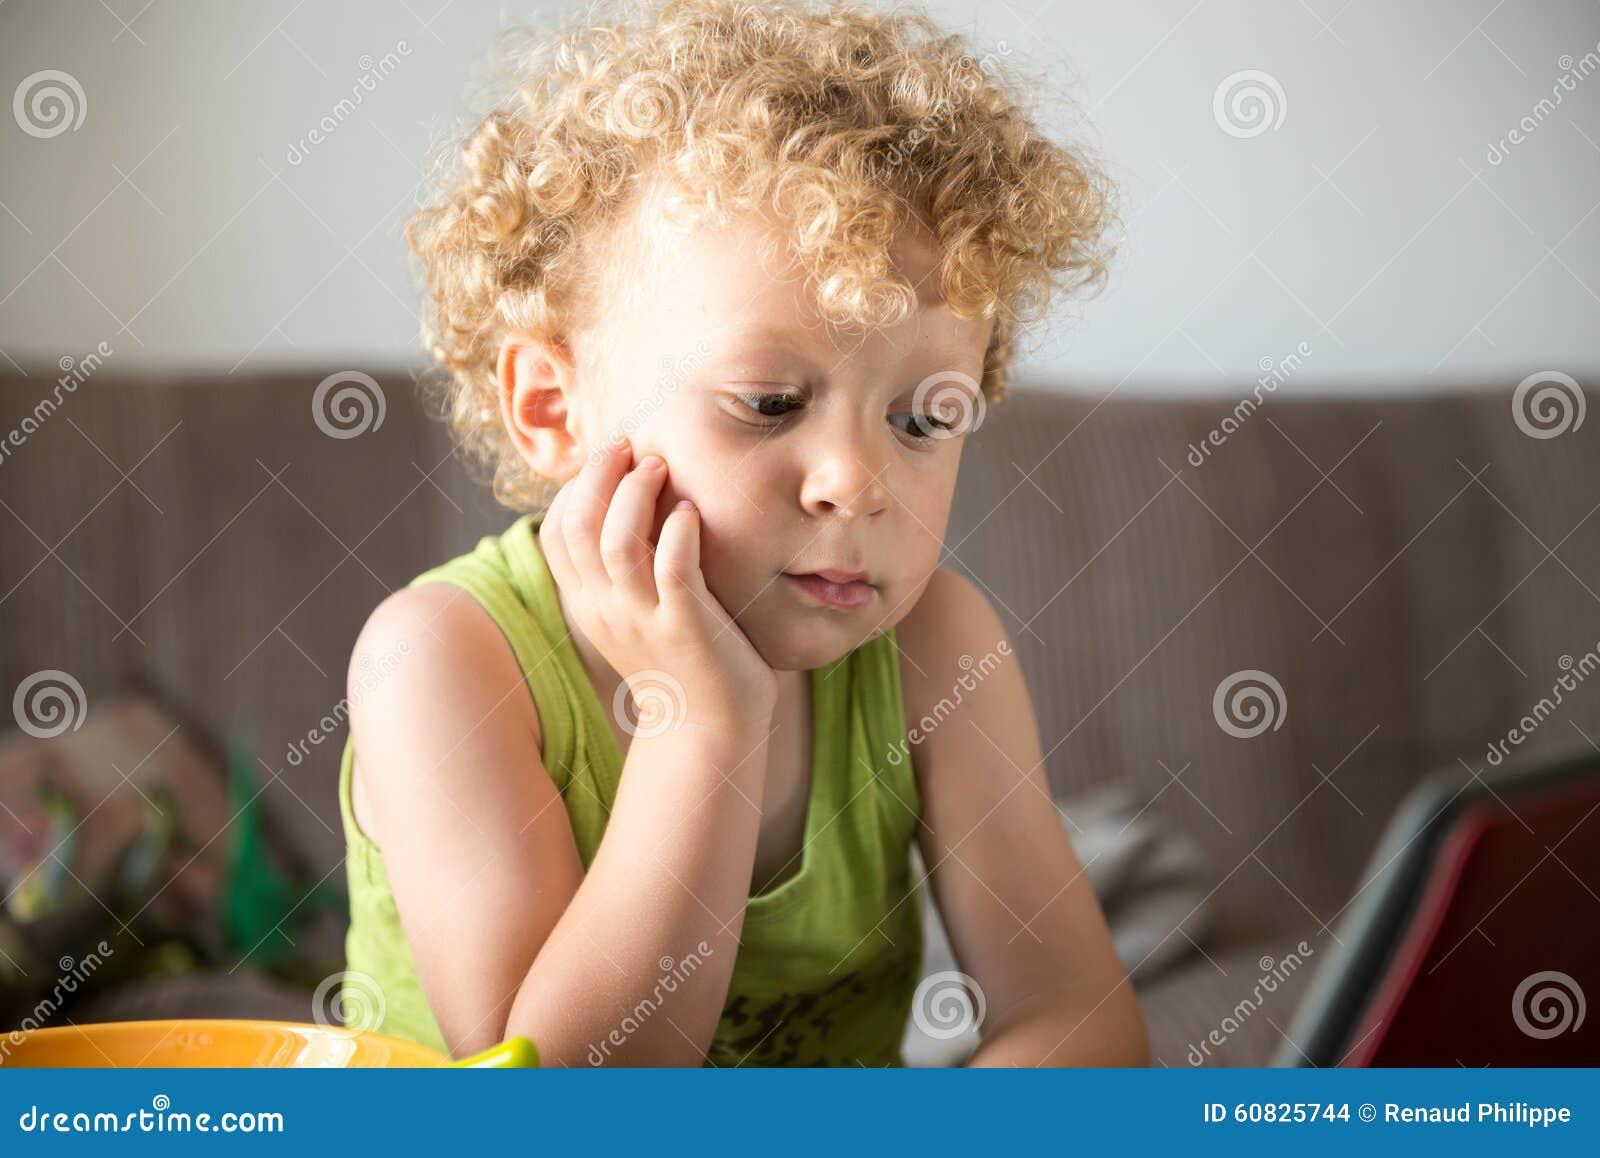 El niño rubio joven mira una tableta